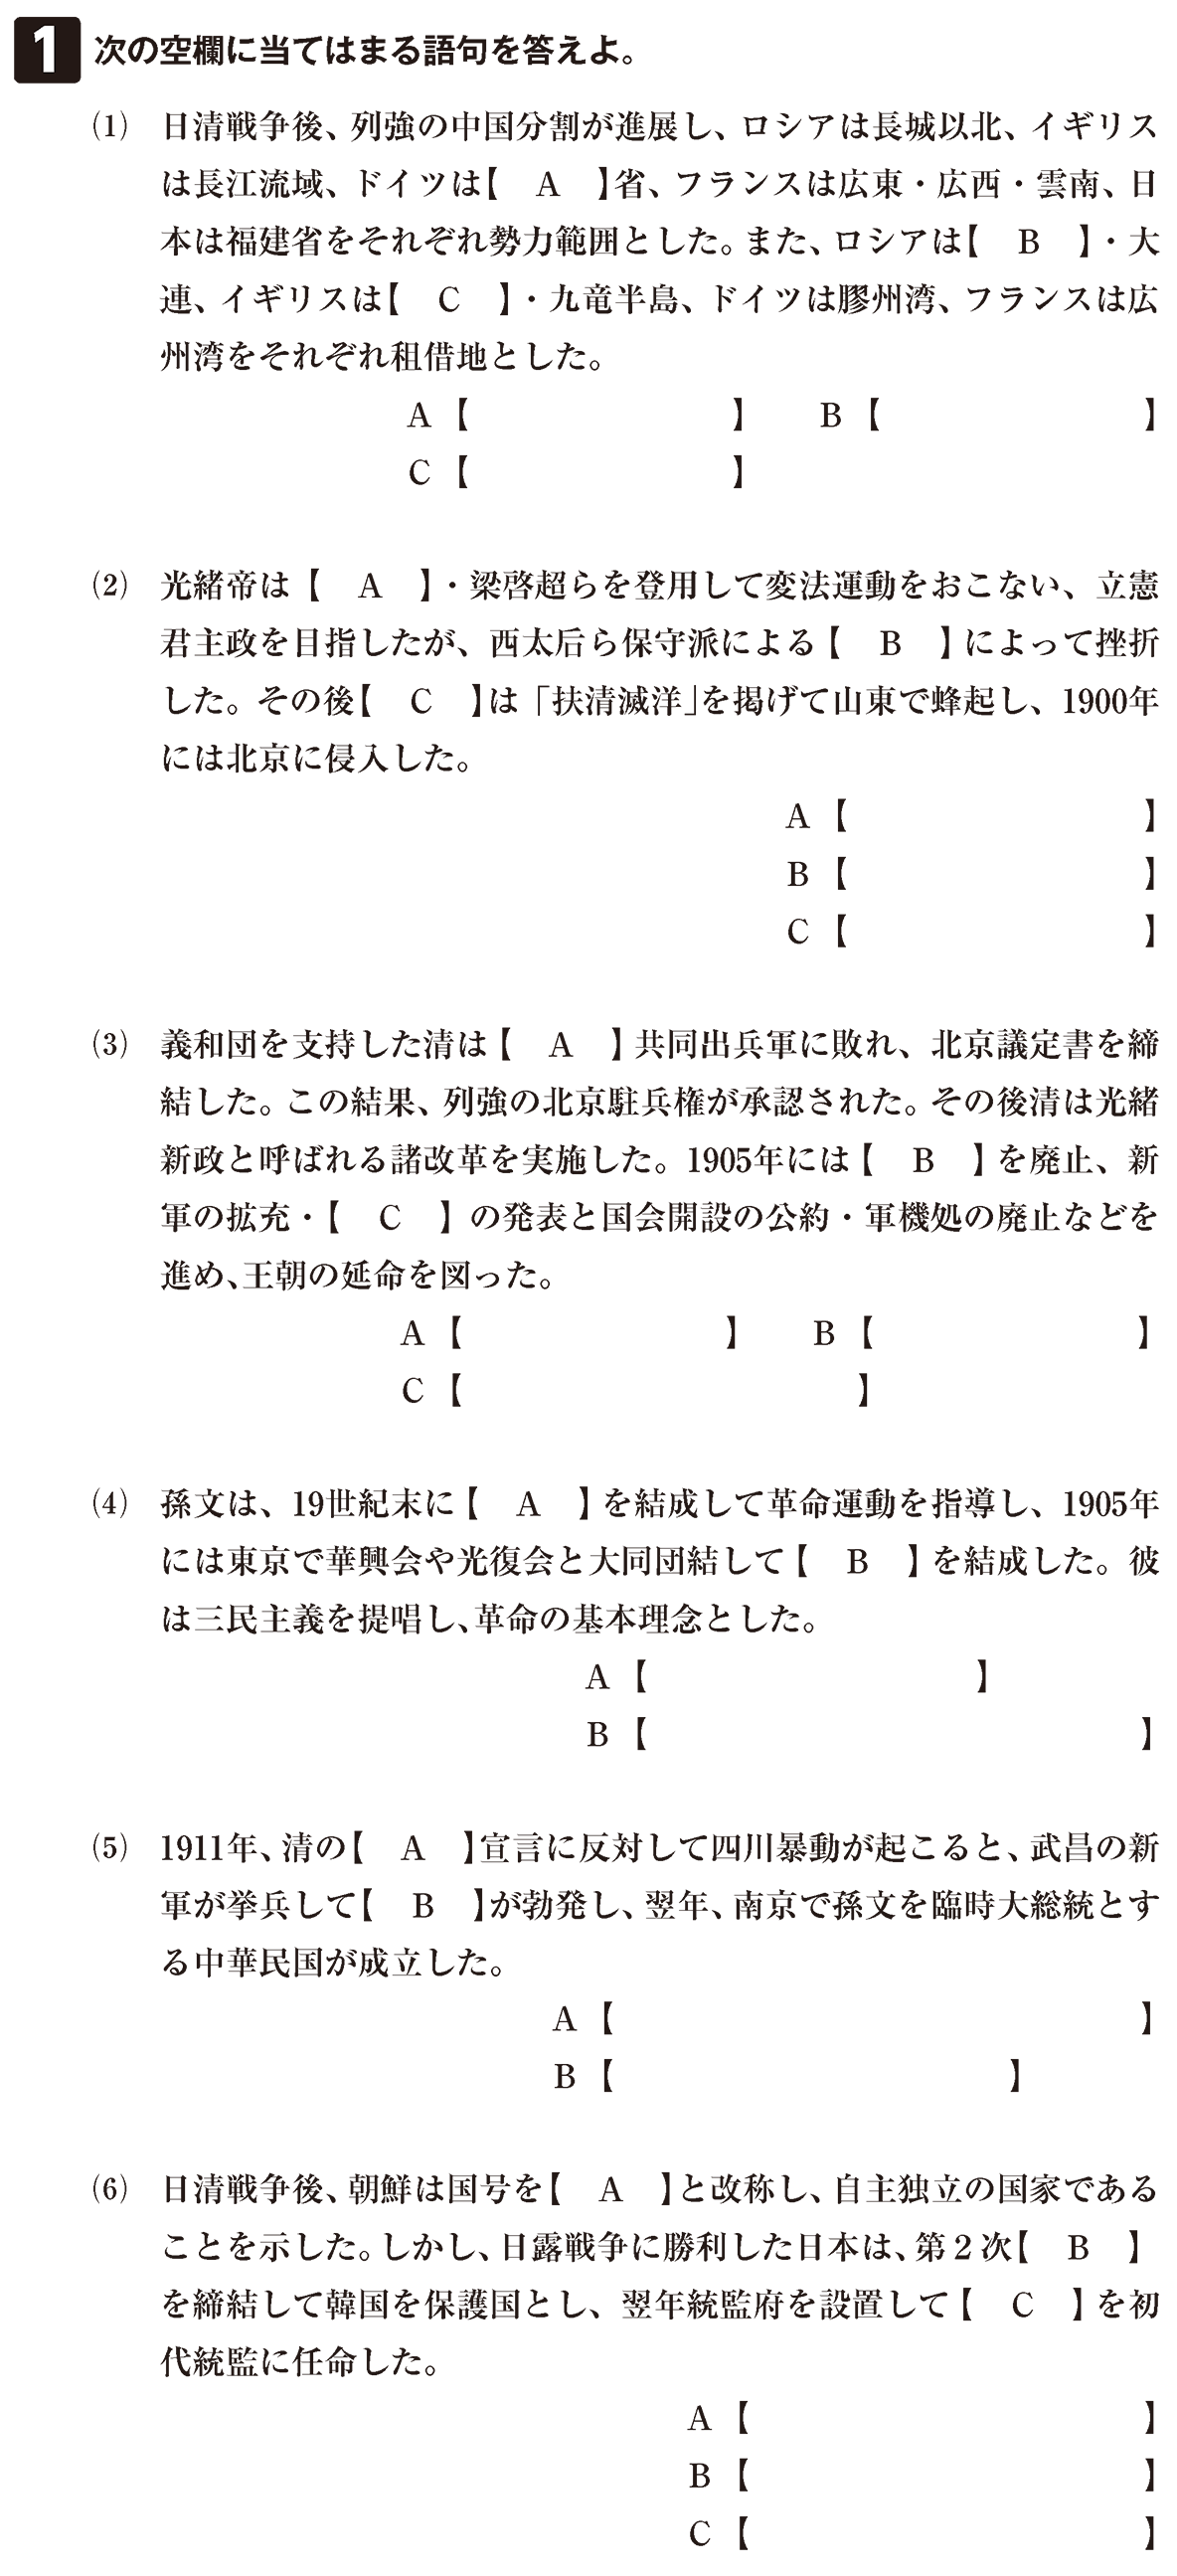 帝国主義と東アジア5 確認テスト(前半)